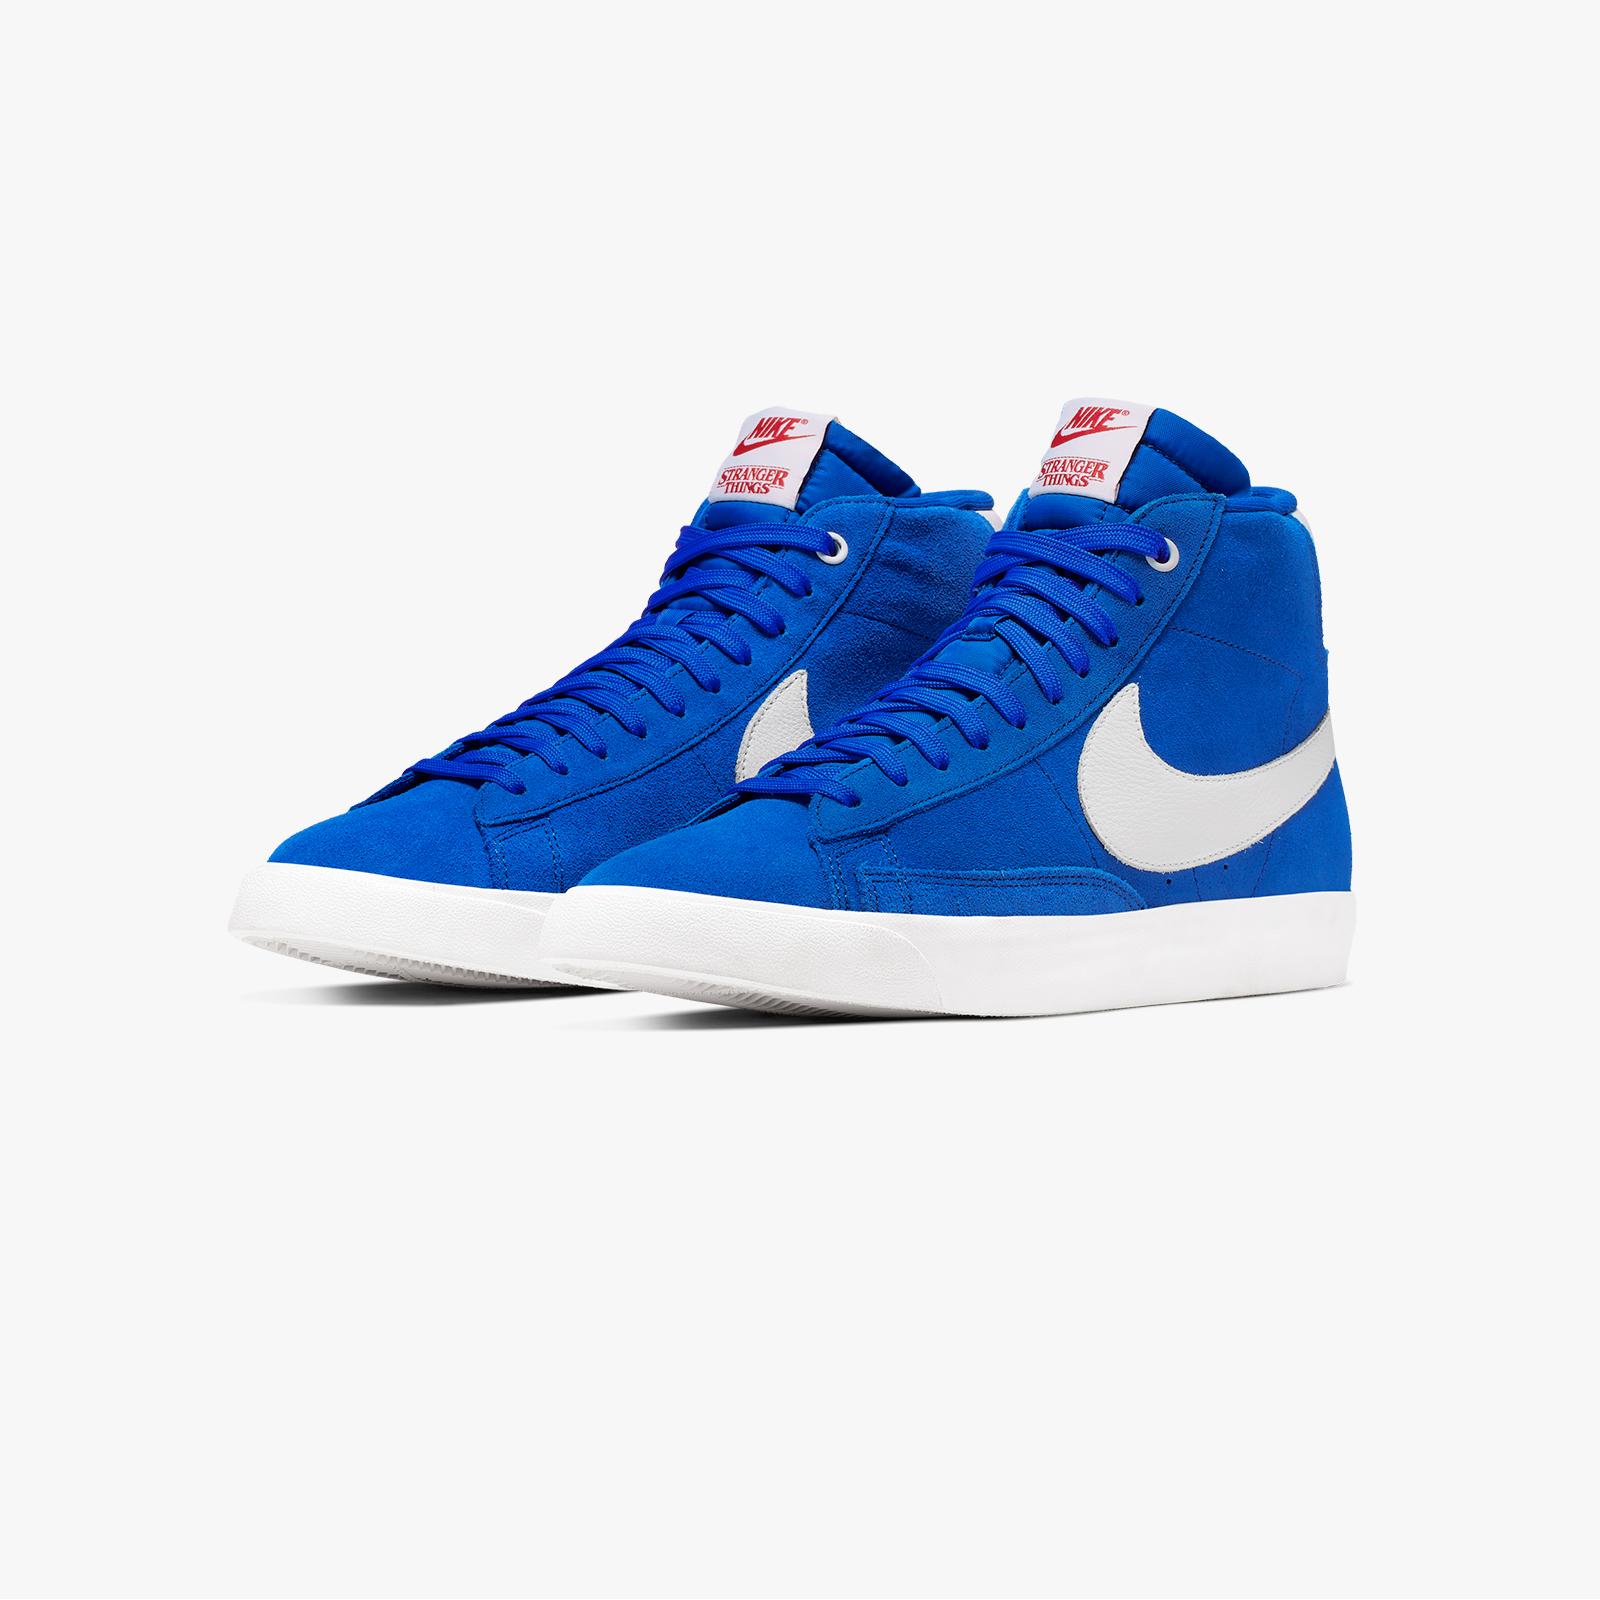 Neu Nike Blazer Mid Vintage Schuhe Herren weiß blau